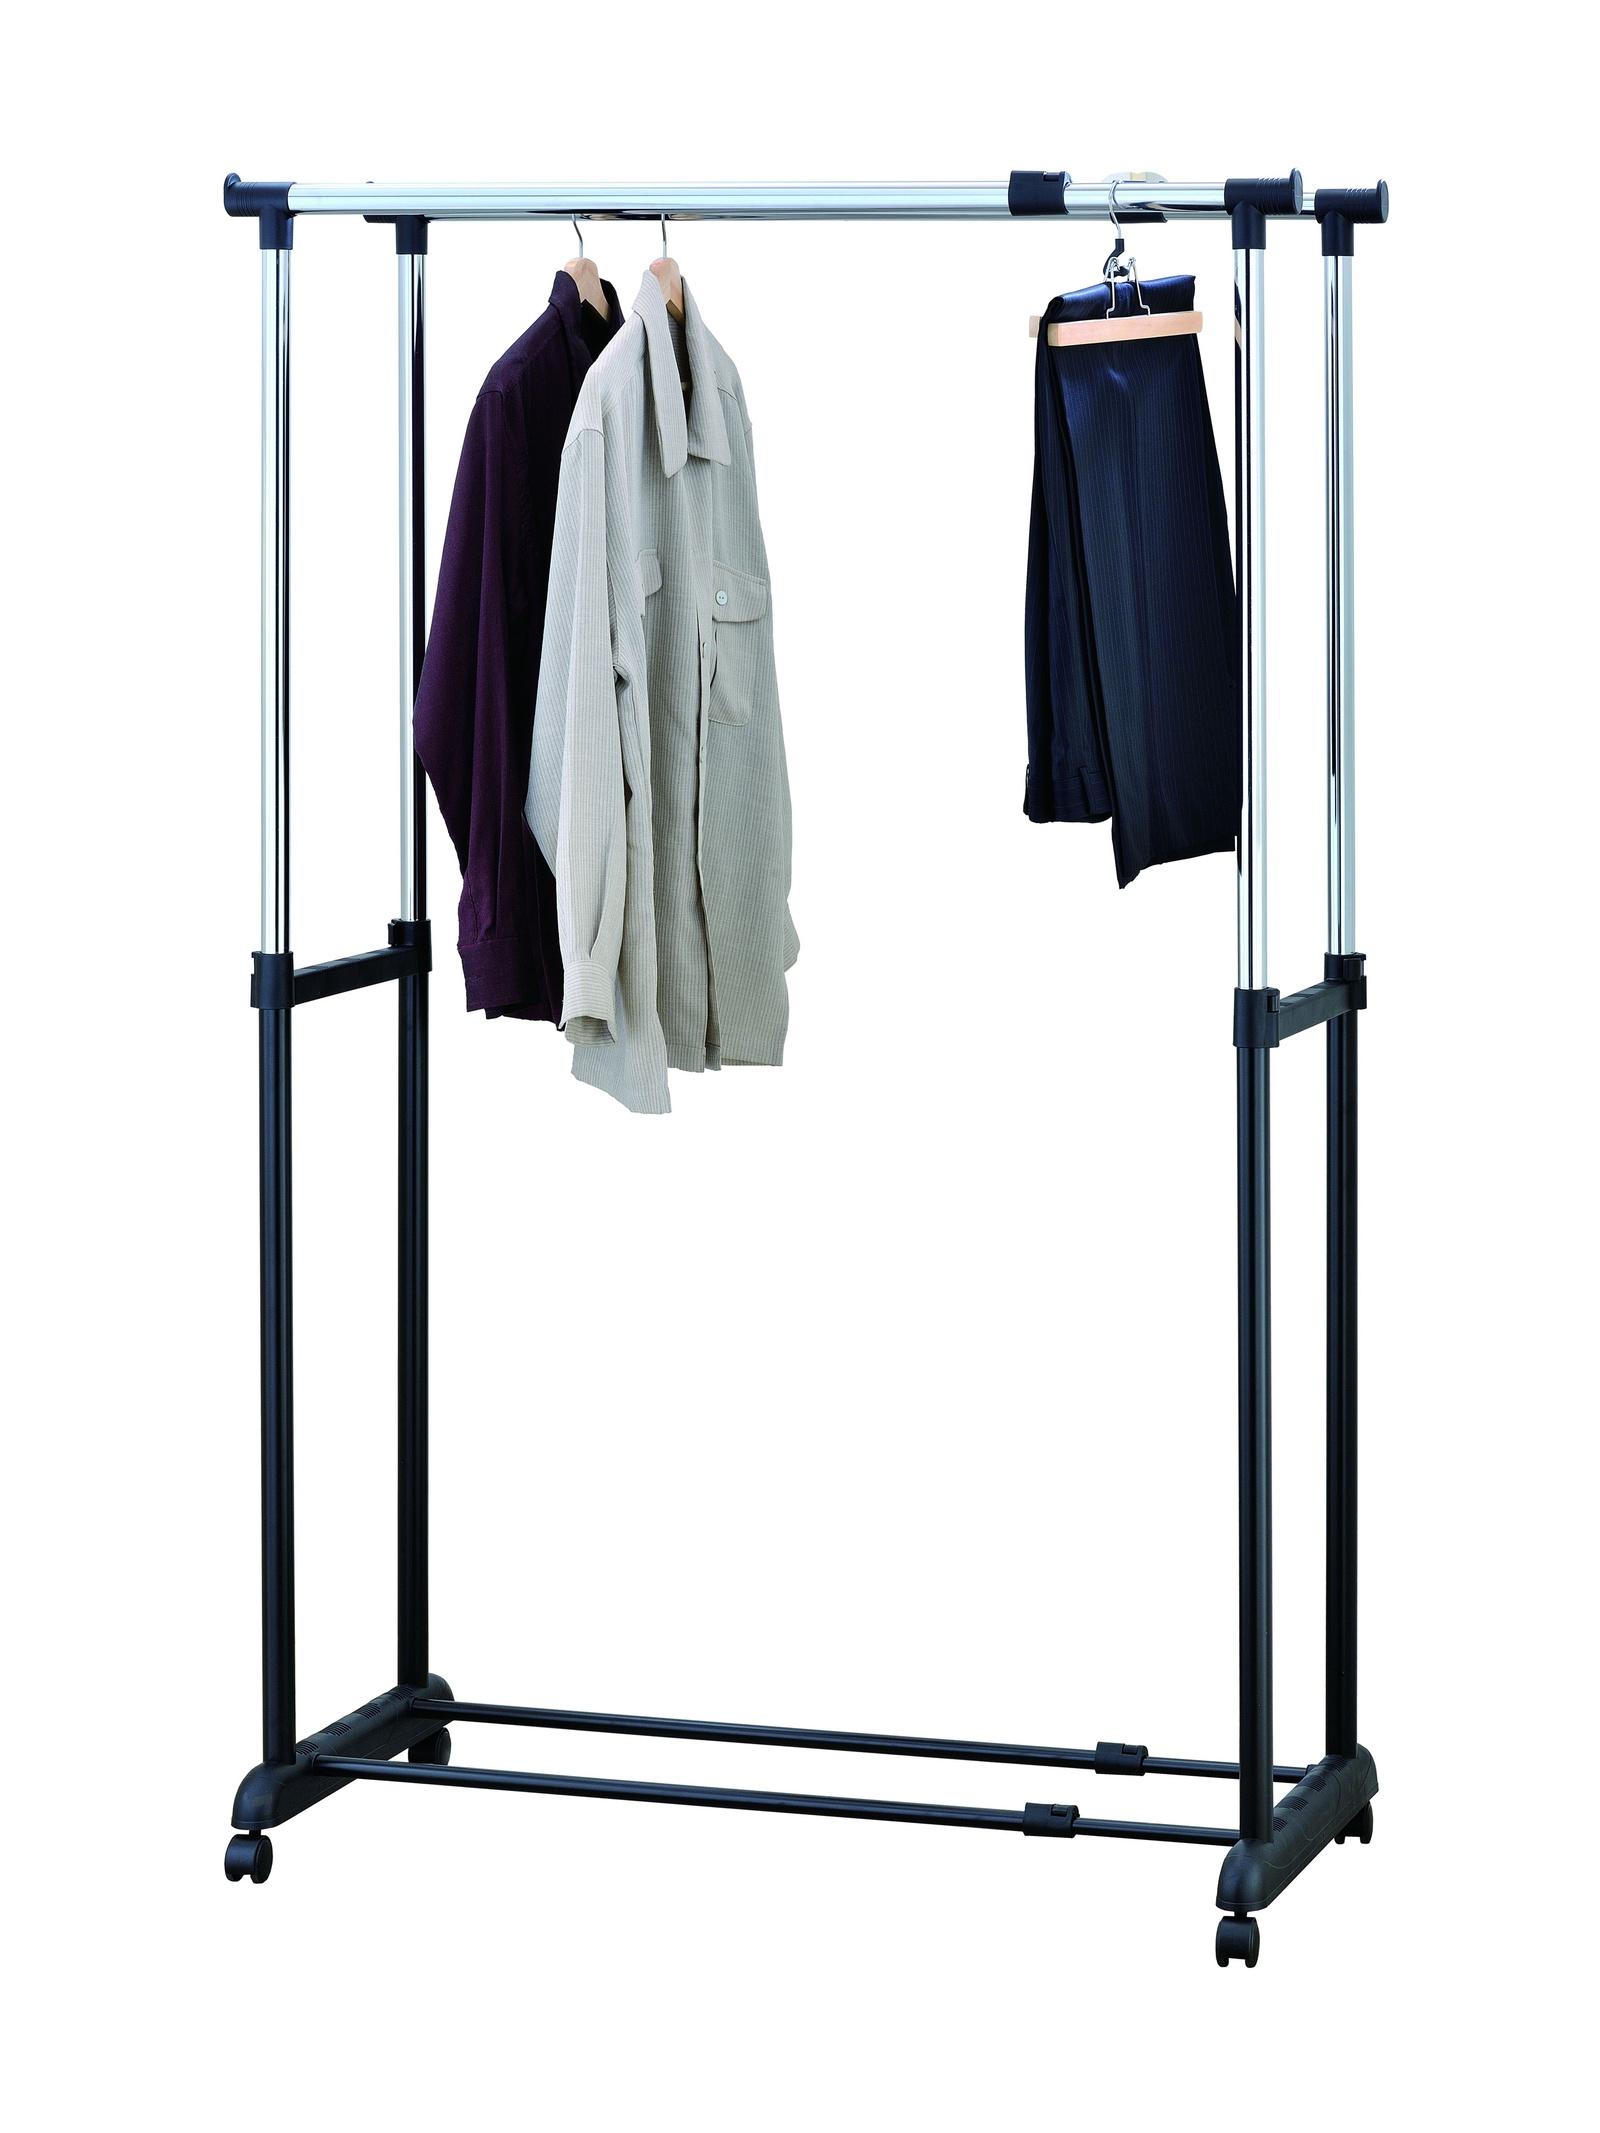 цена Стойка для одежды UniStor Caroline двойная c регулируемой шириной и высотой онлайн в 2017 году